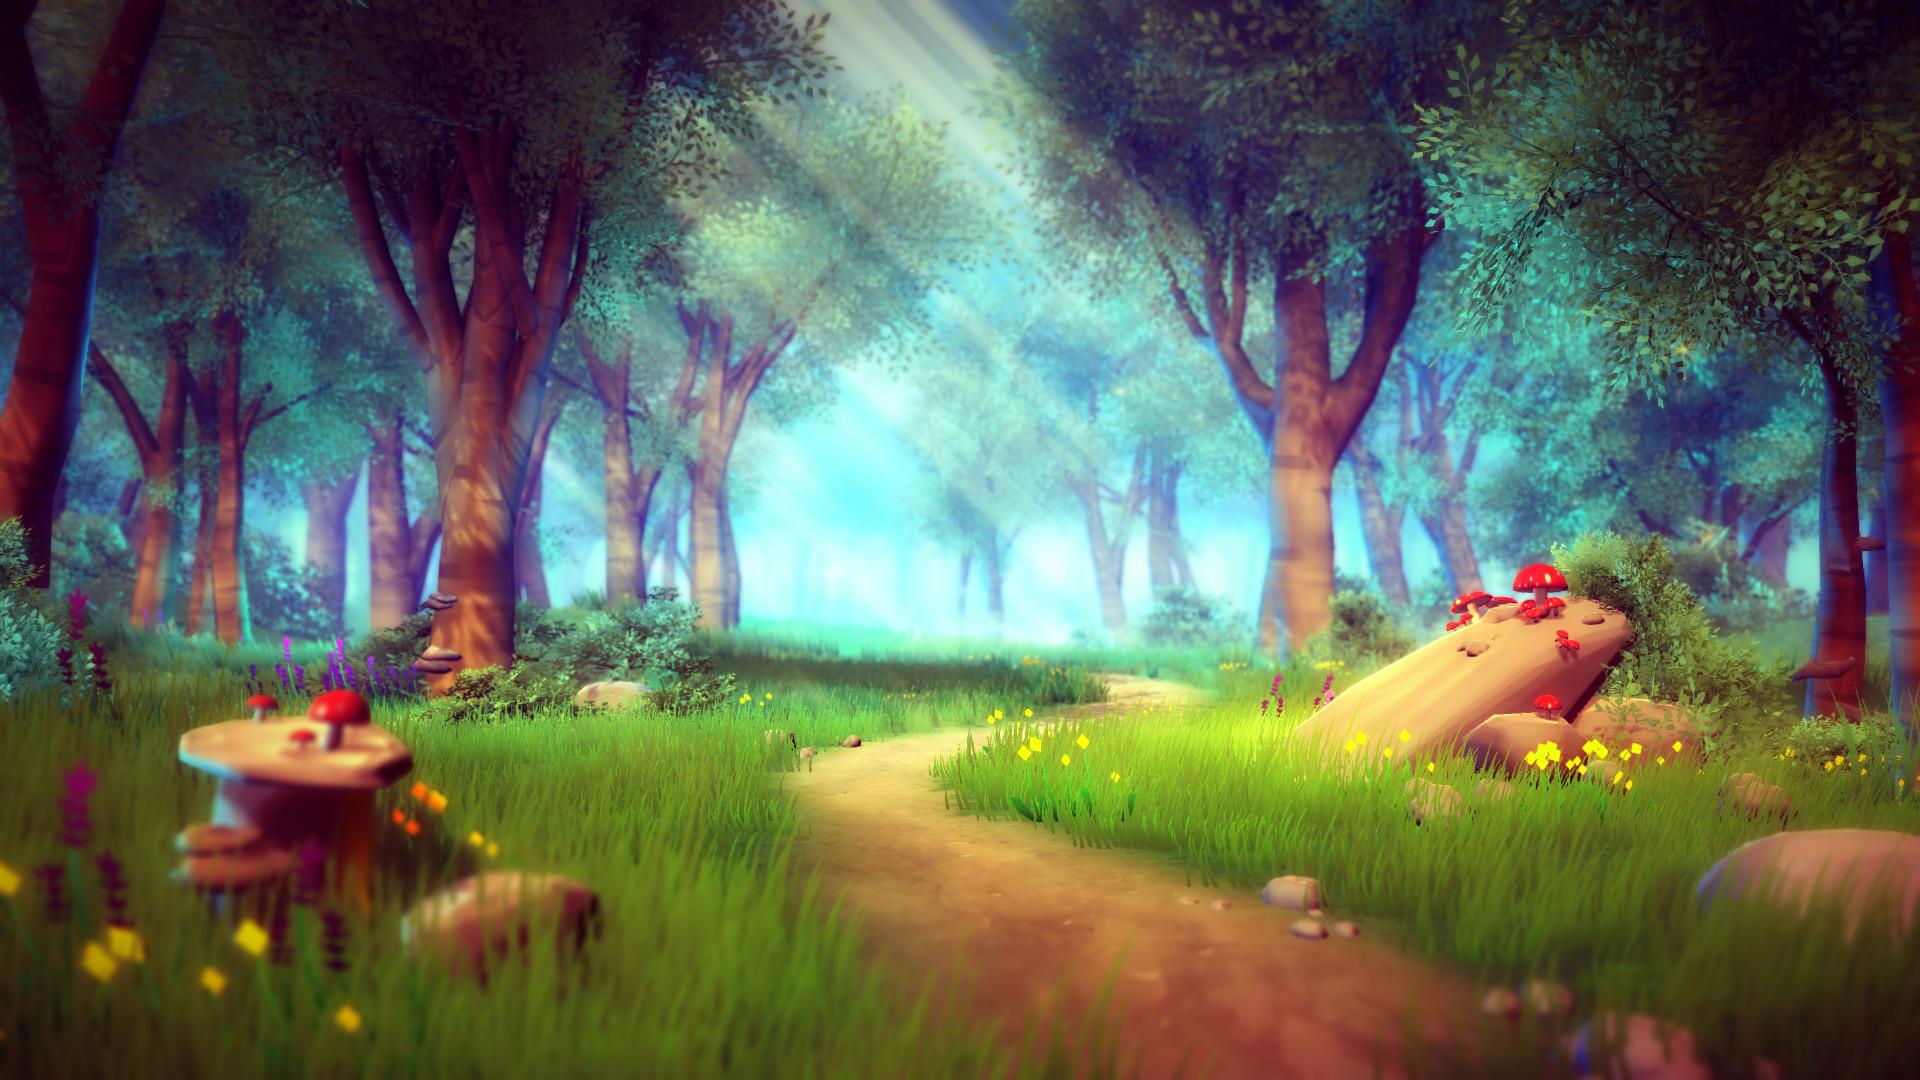 dreamscape_scene3_1980x1080_jpg.jpg